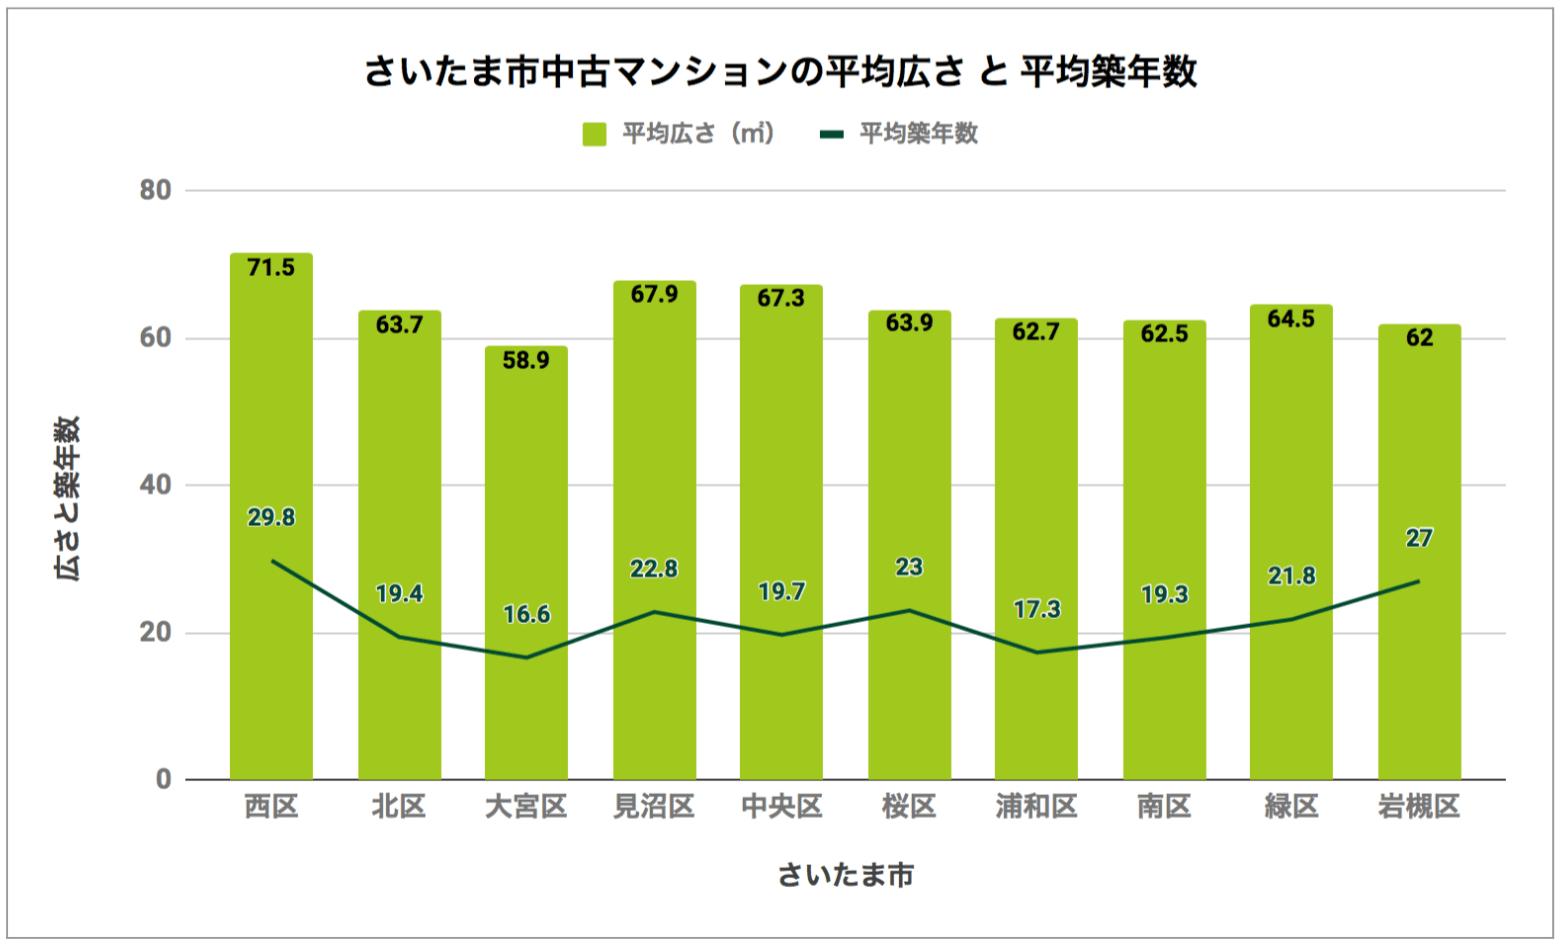 さいたま市「中古マンションの平均広さと平均築年数」